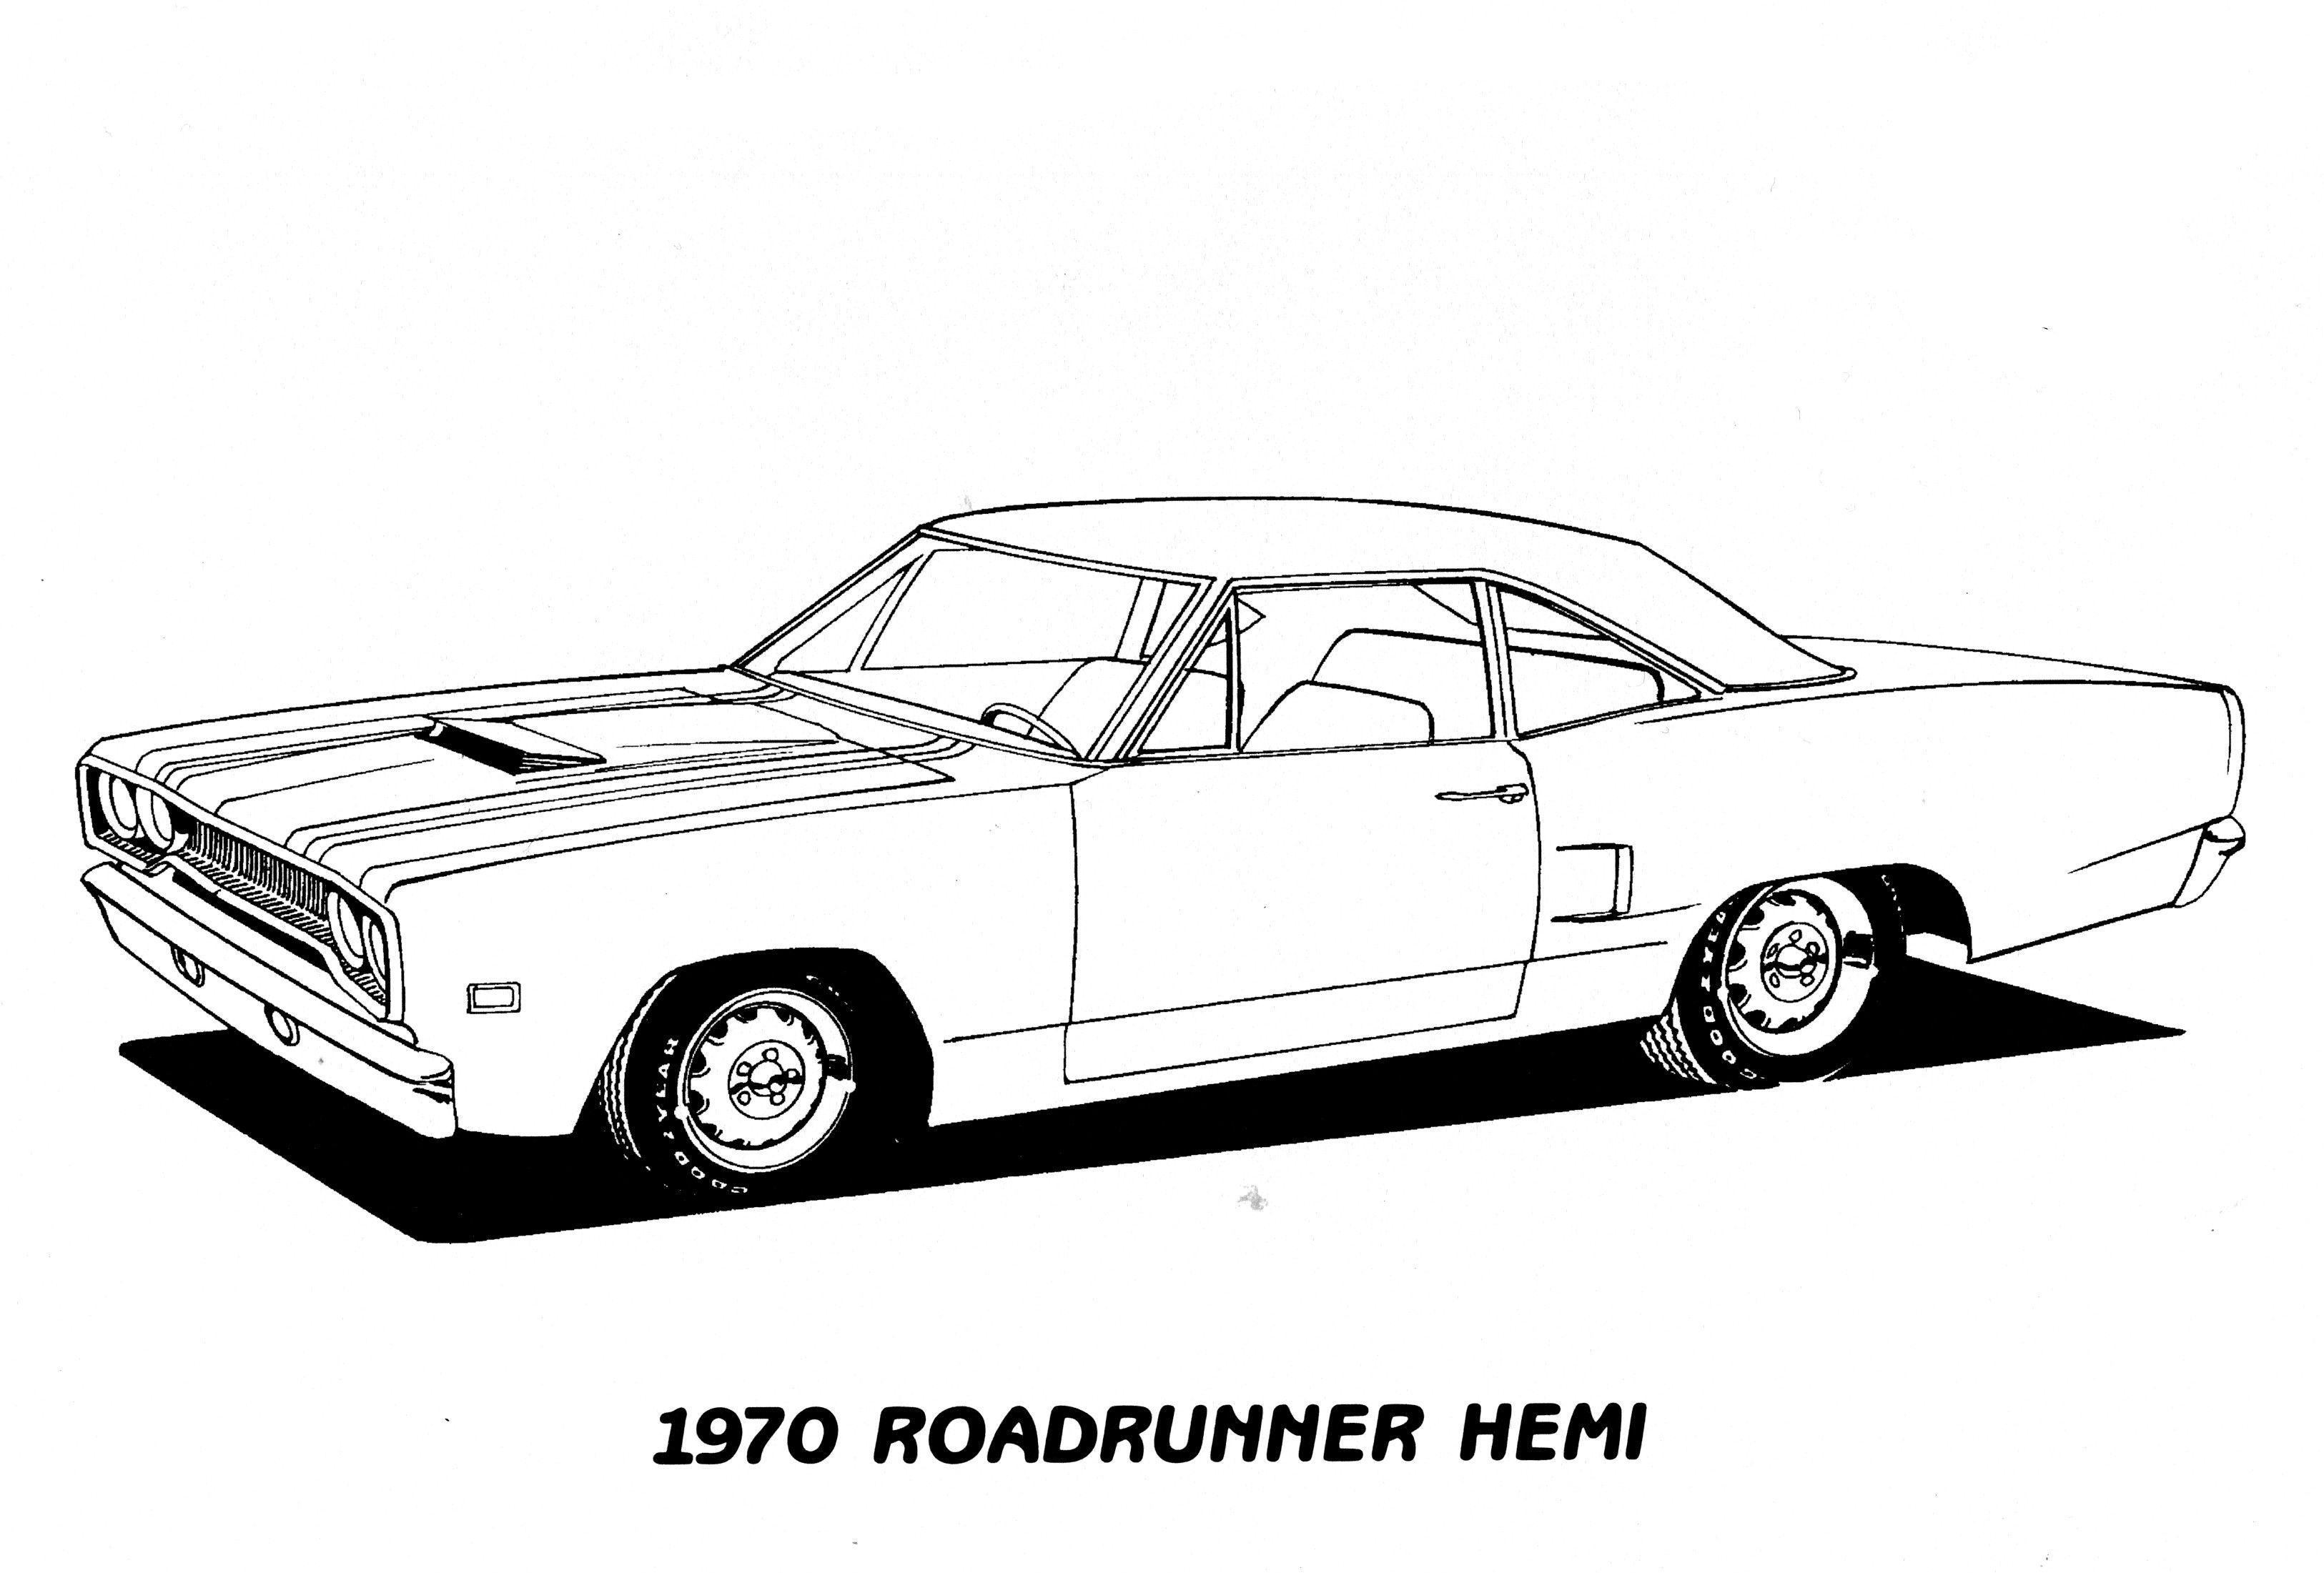 Roadrunner Hemi Cars